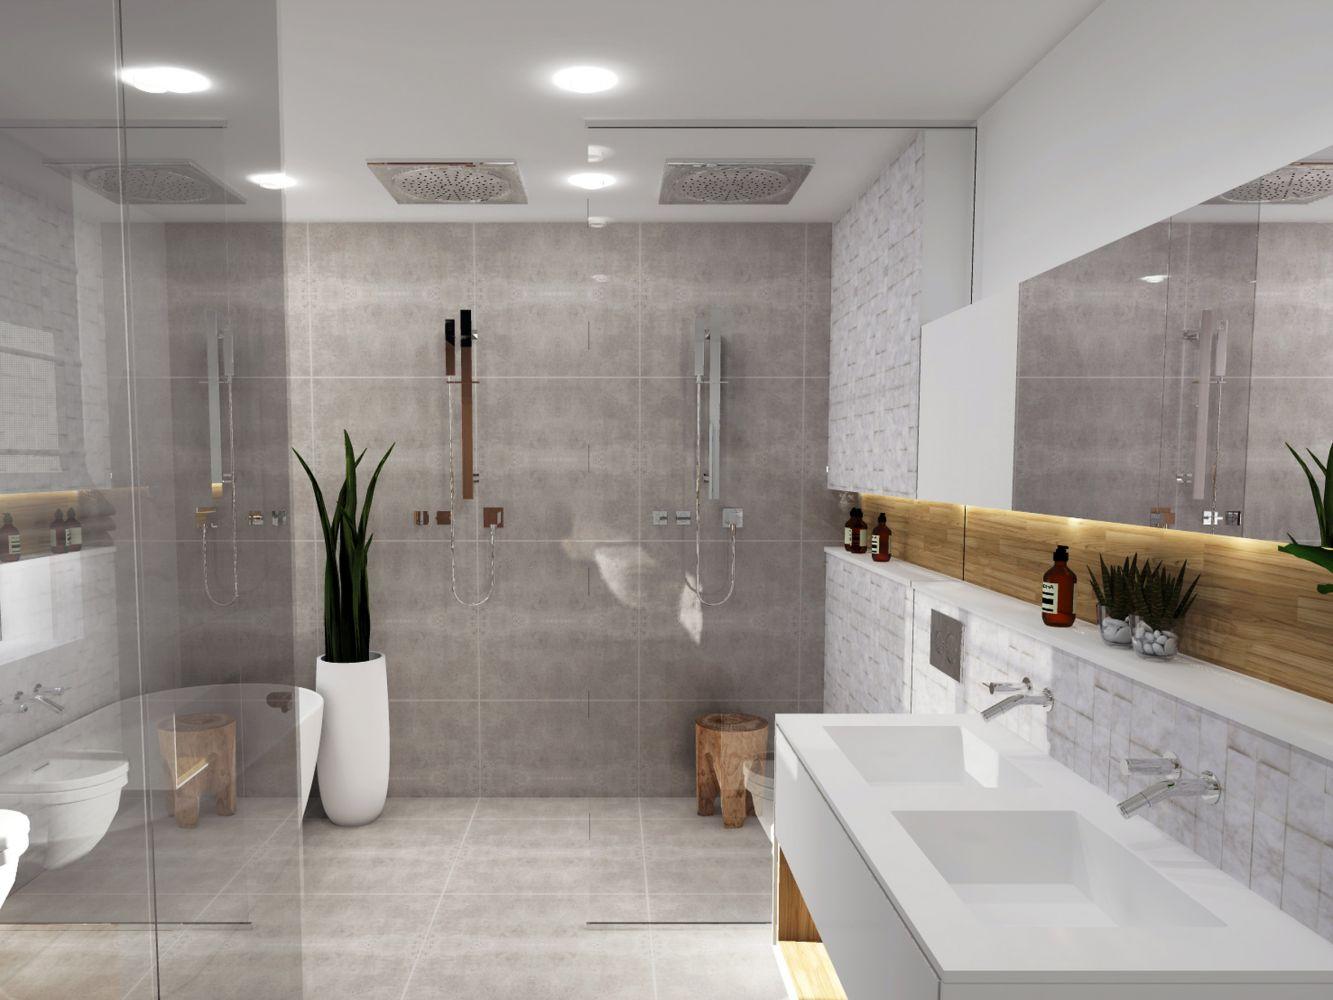 salle de bain italienne de luxe style